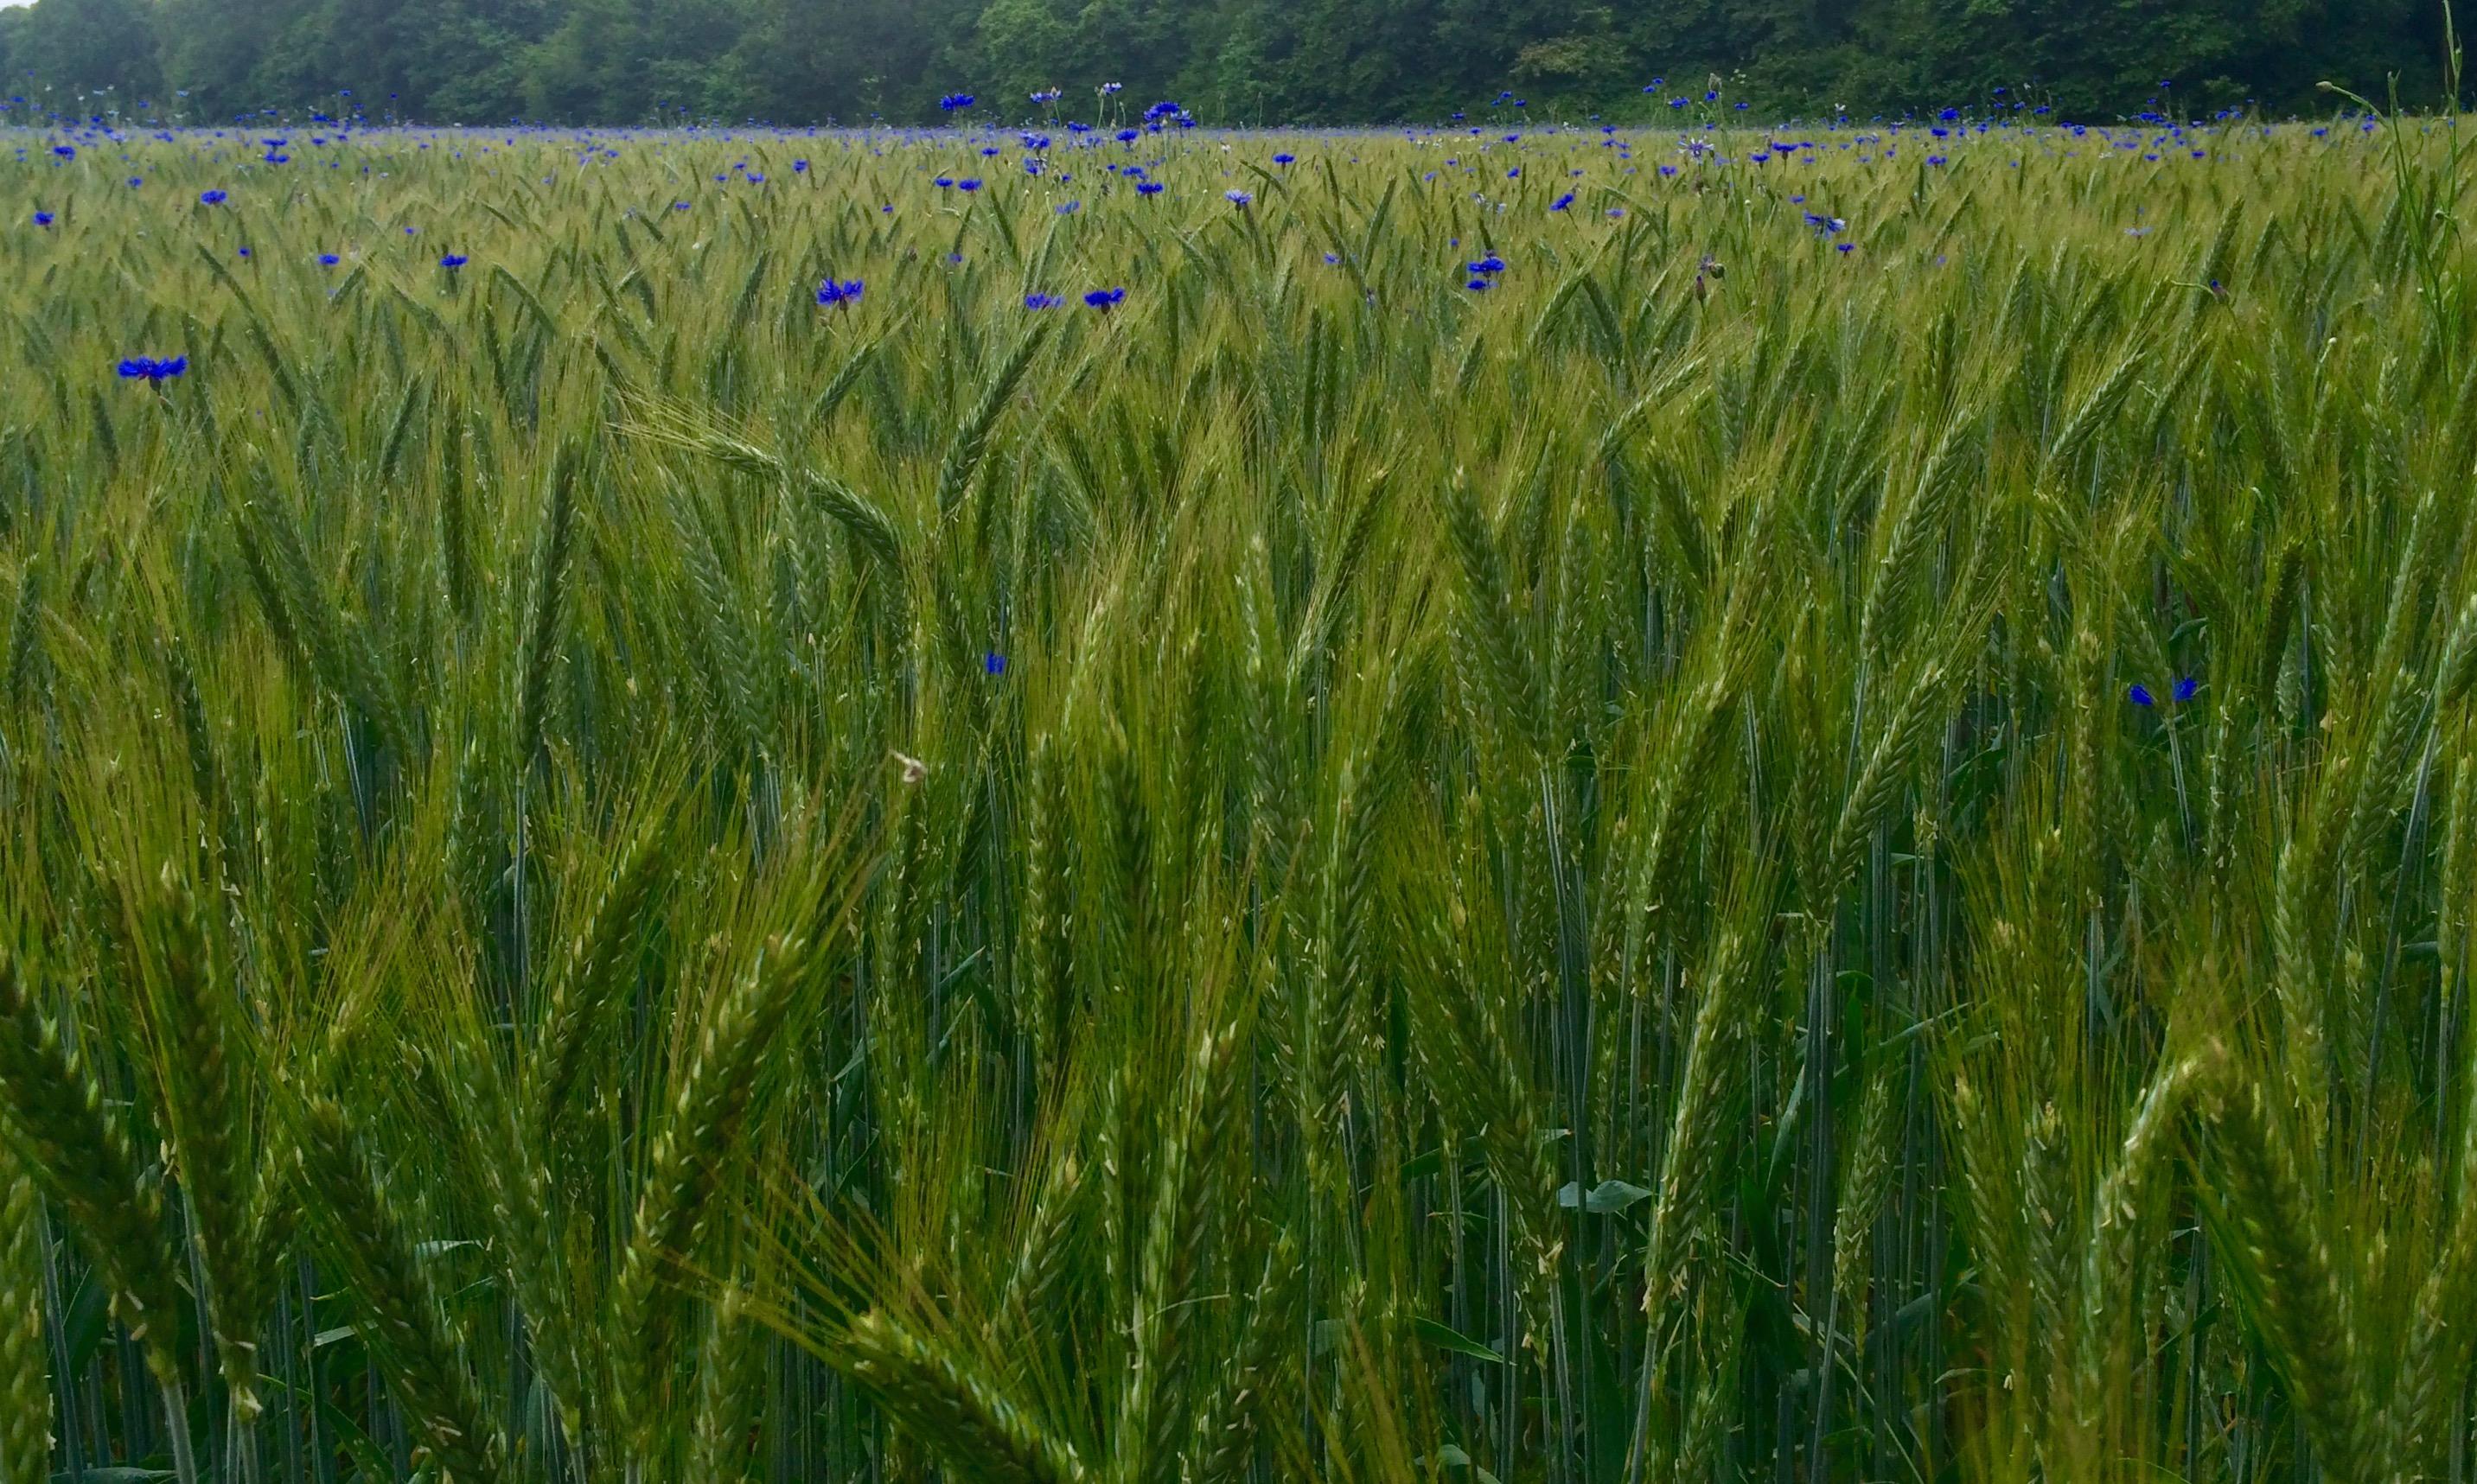 Kornblumenfelder und Maislabyrinth in der Nähe der schönsten Unterkünfte in Lippstadt und Umgebung